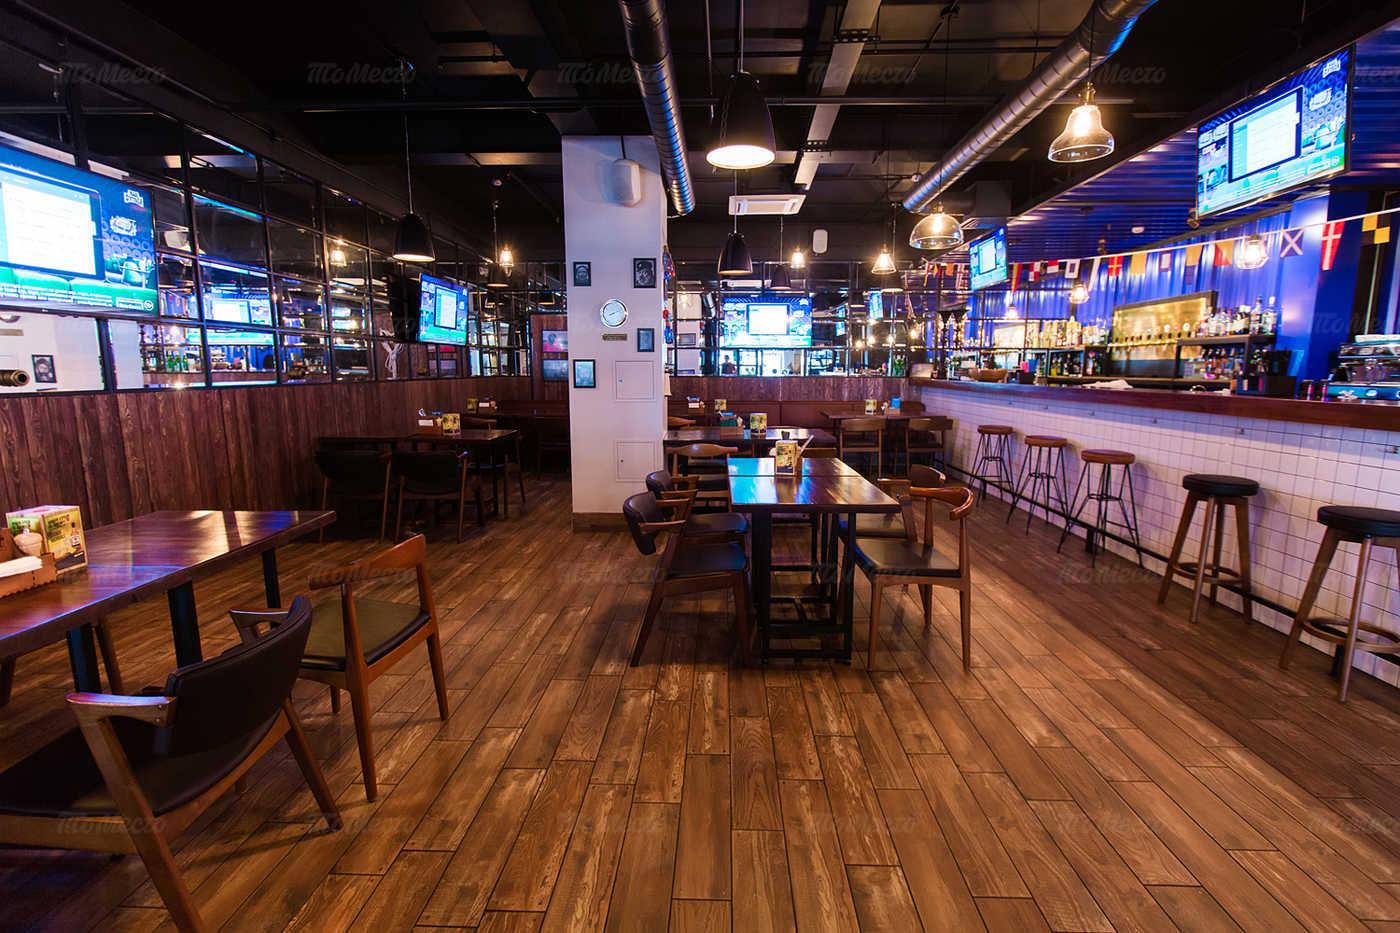 Банкеты ресторана Милки (Milky) на Красносельском шоссе фото 11